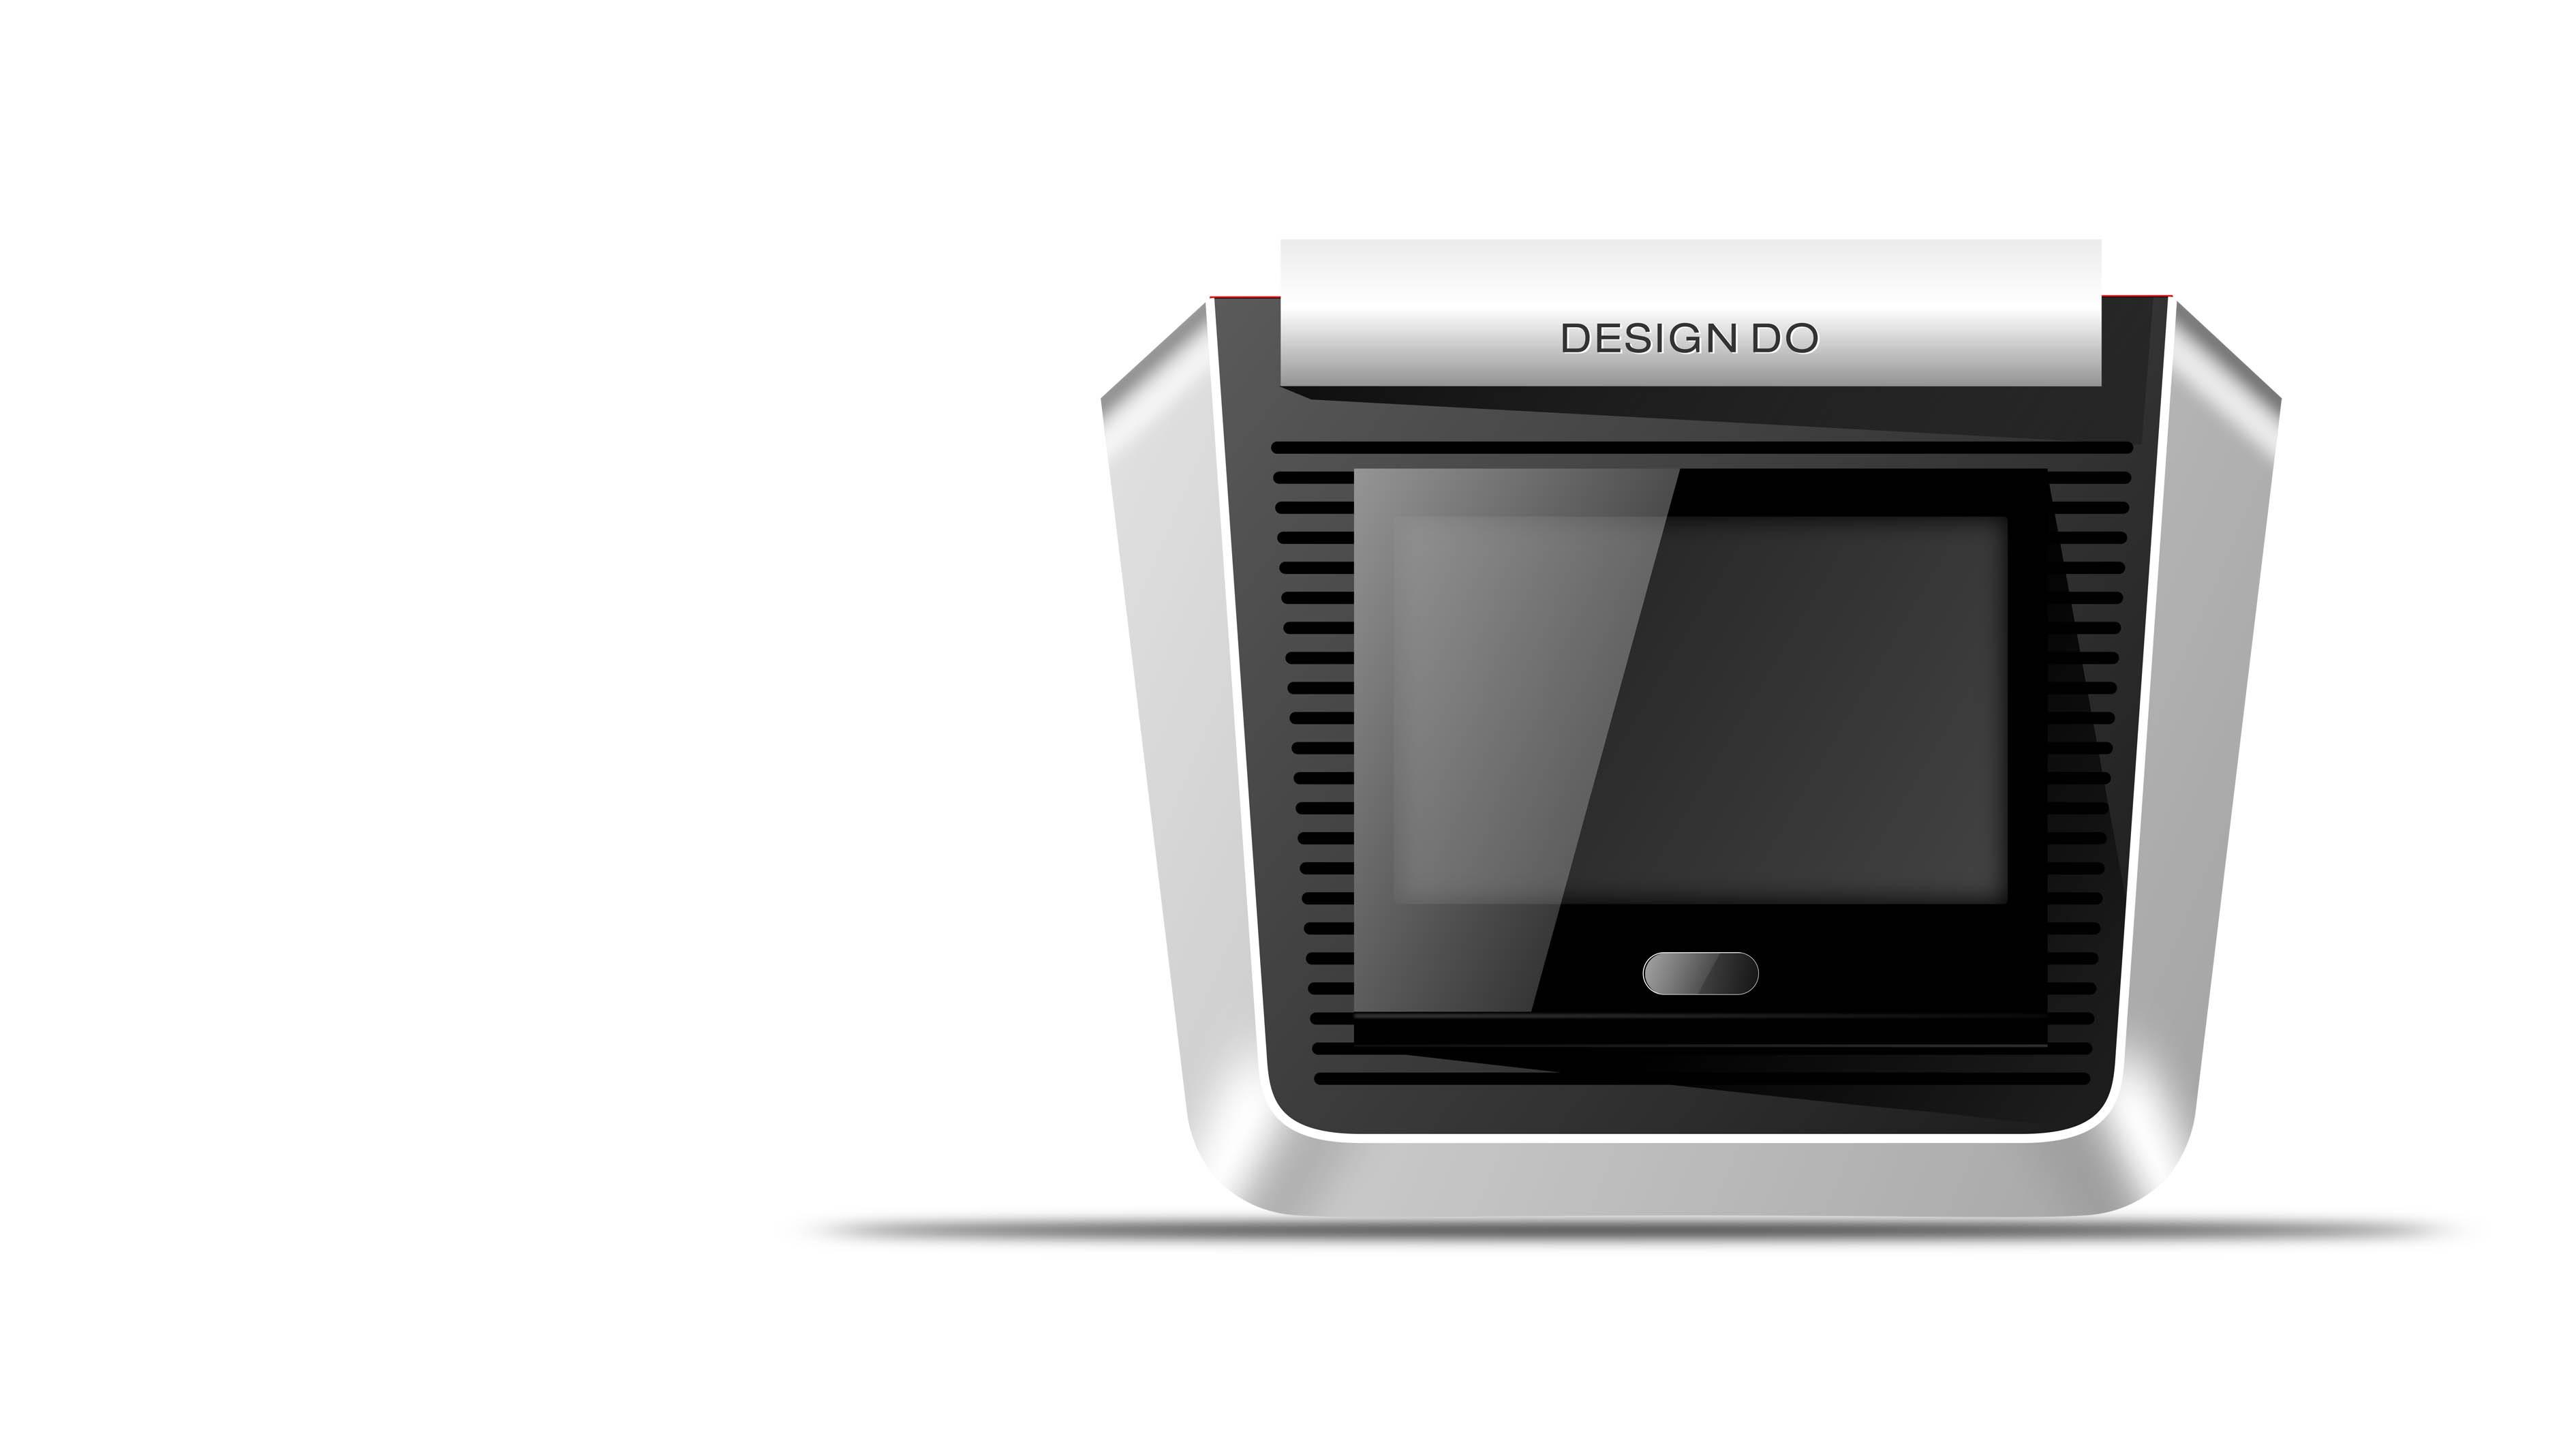 光谱仪4_产品设计-来设计